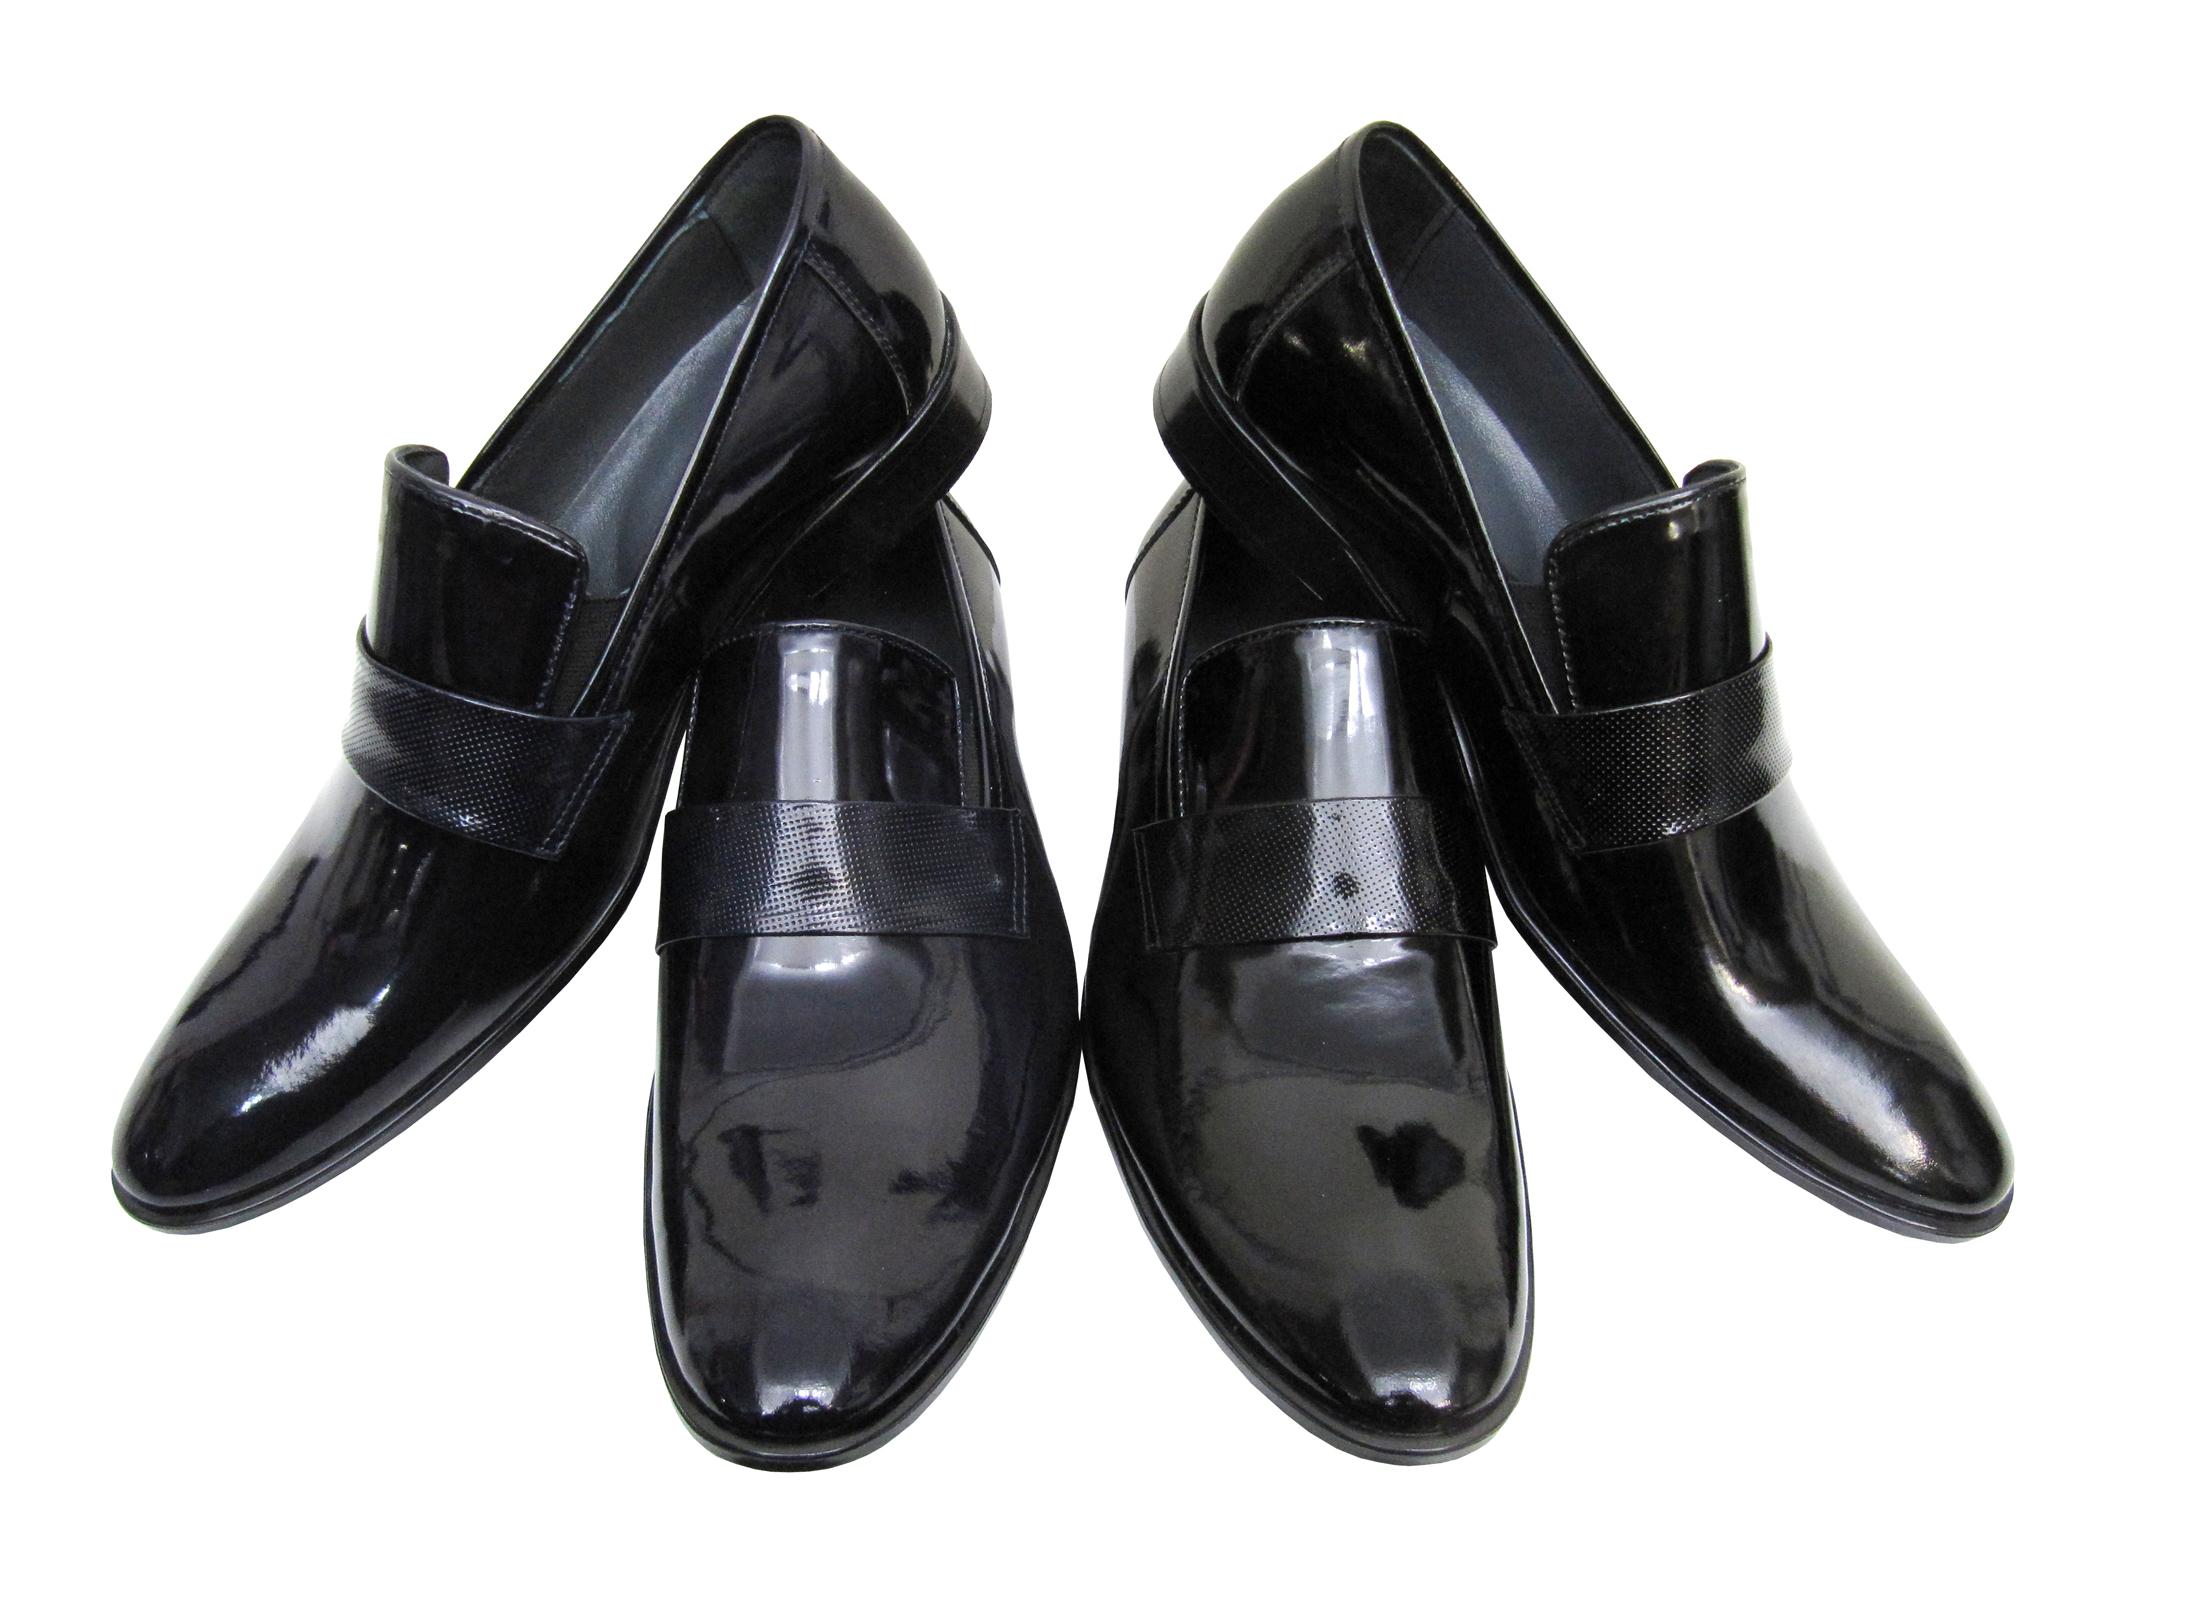 f93d93543fa02b Herrenschuhe Slipper Lack für viele Anlässe In den Farben Schwarz oder  Blau